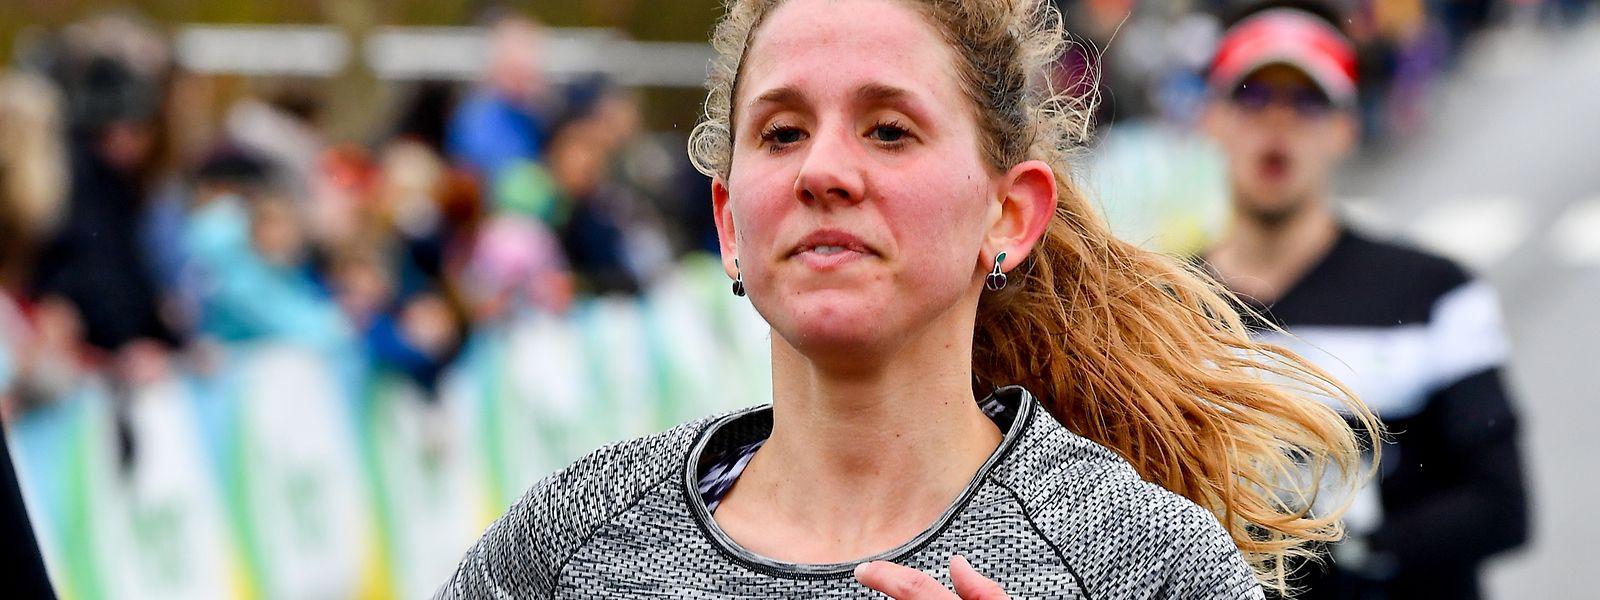 Isabelle Hoffmann wird zweitbeste Luxemburgerin beim Postlaf am Sonntag.